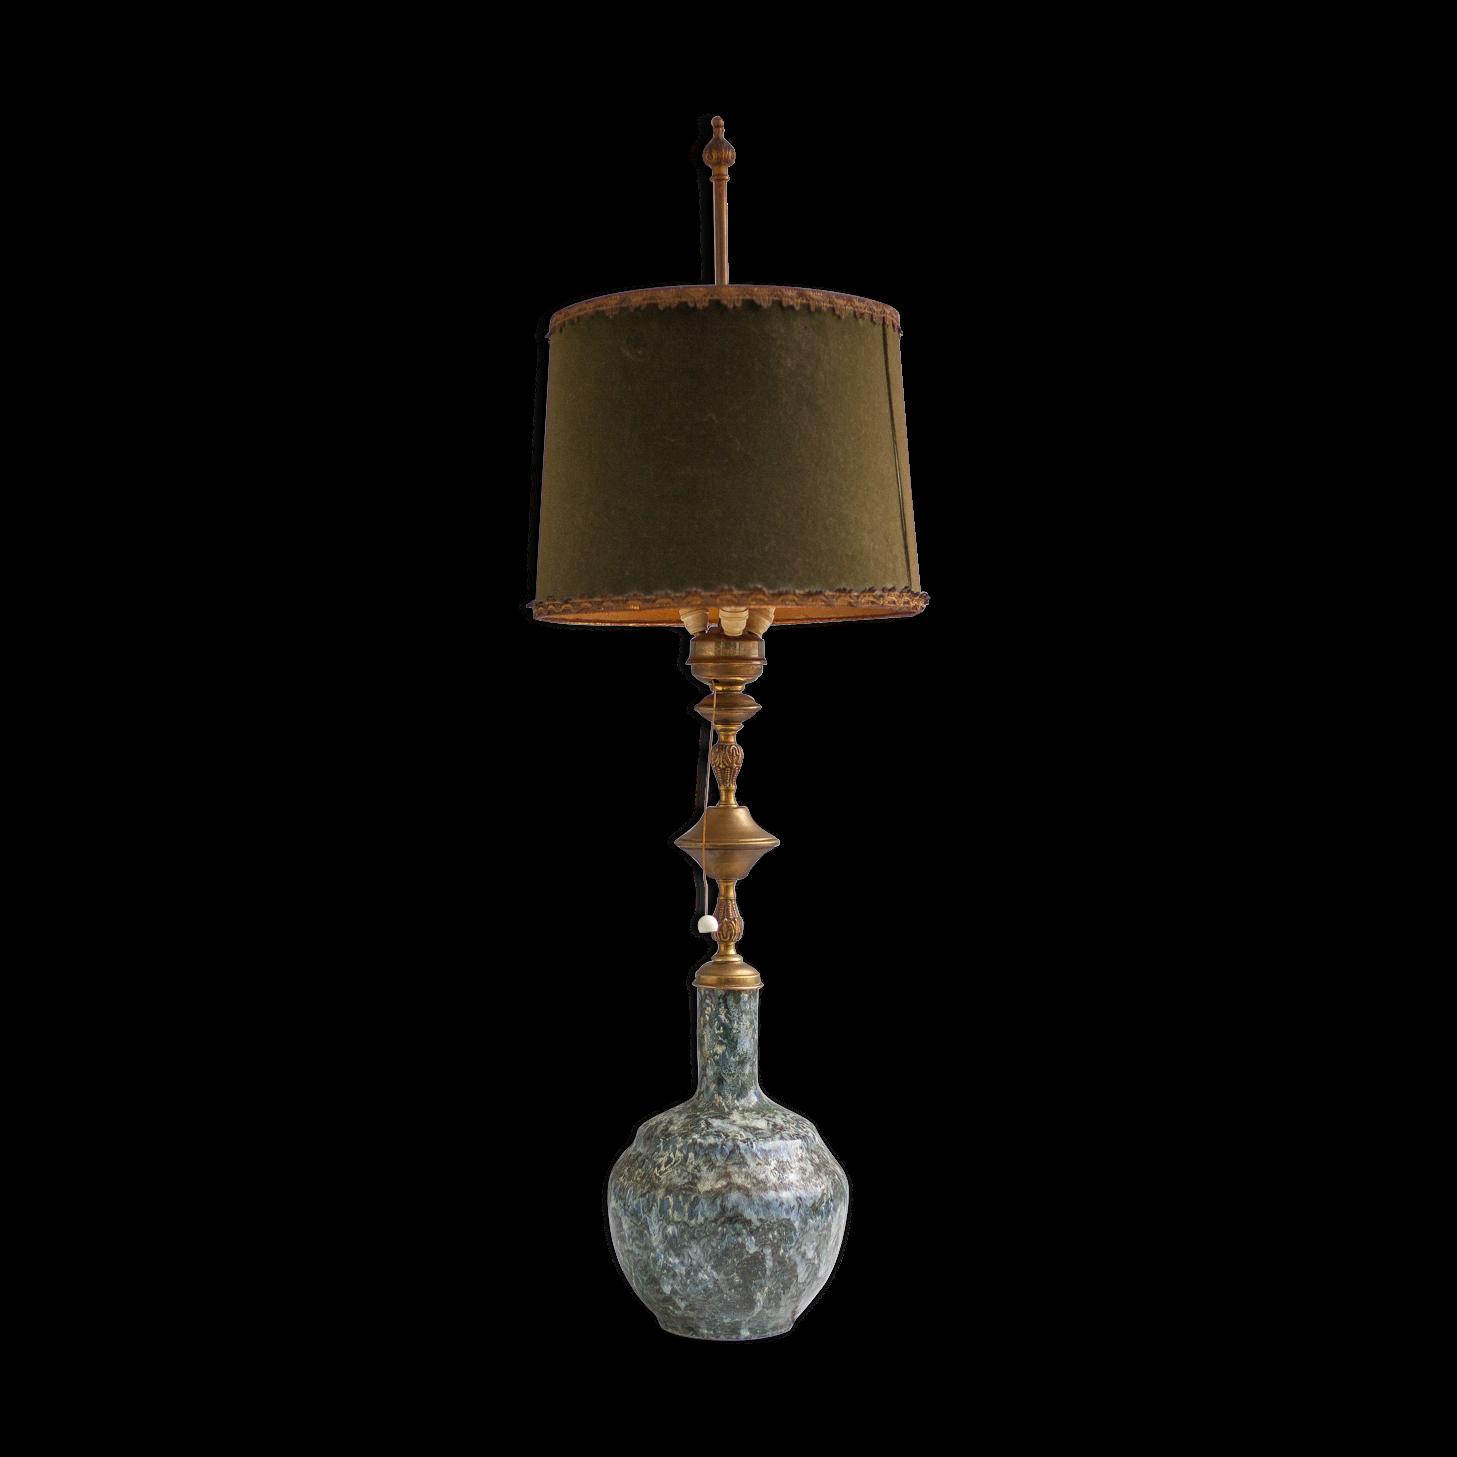 Lampe Vintage Fabulous Fabulous Lampe Led Discount Ampoule E